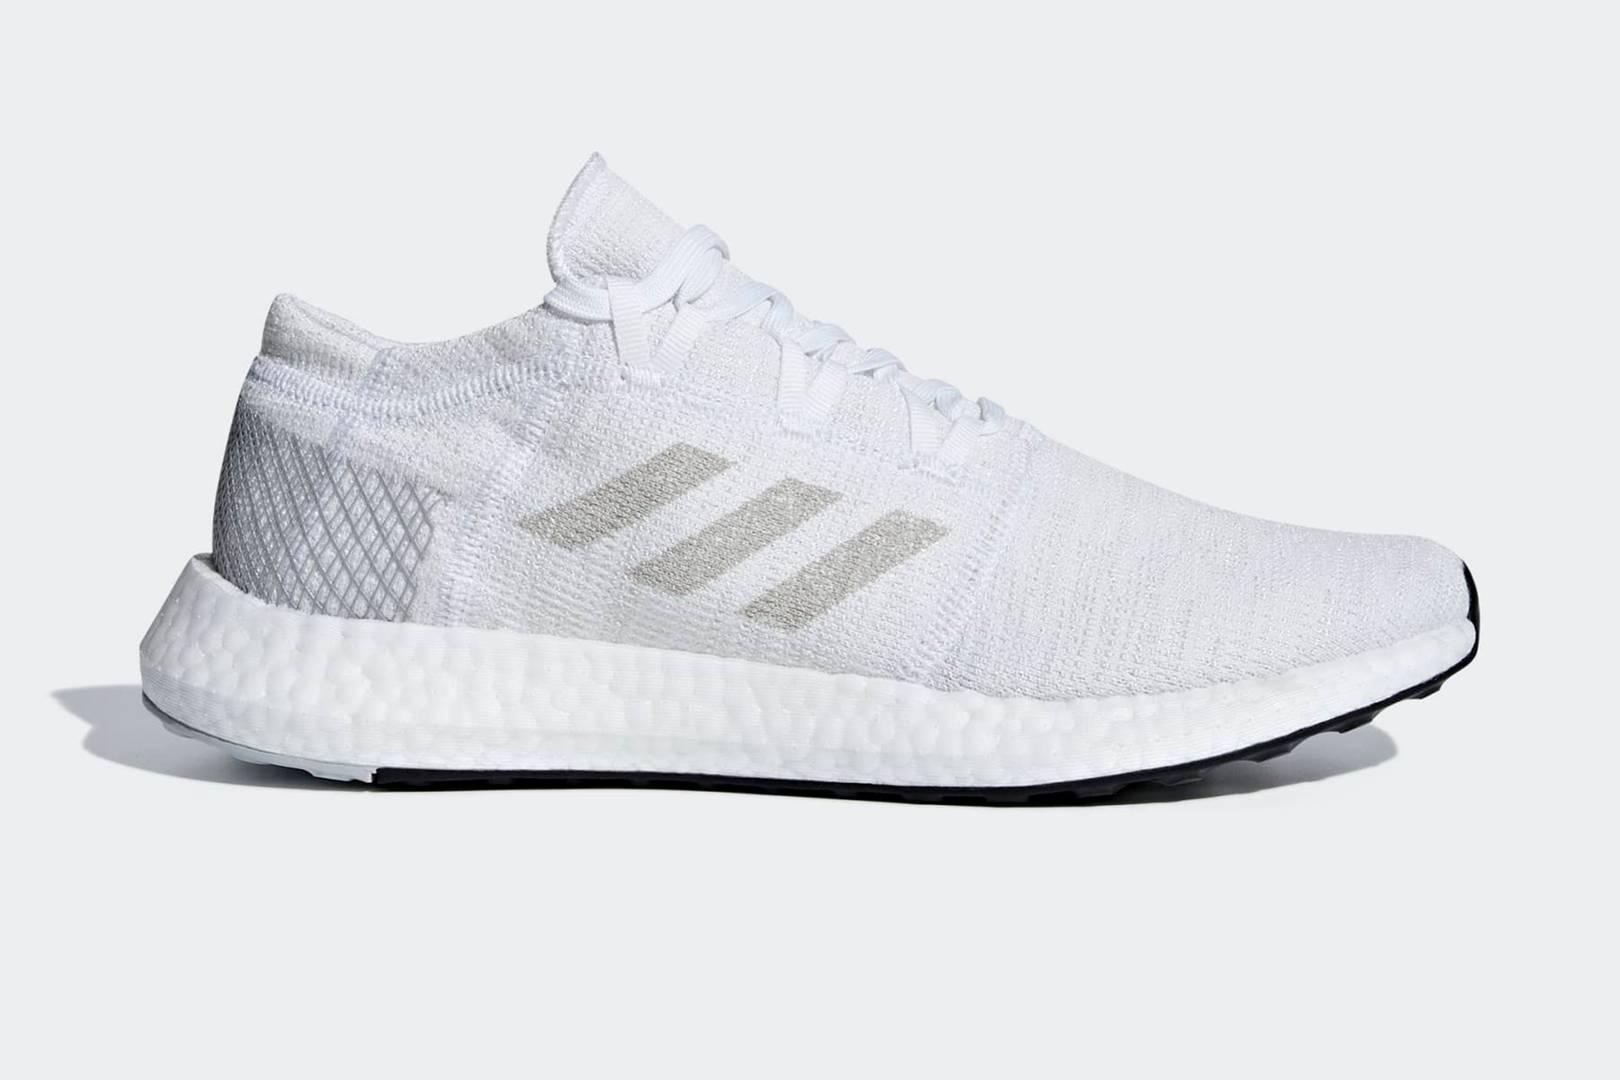 a4834fd0e4109 Best running shoes for men